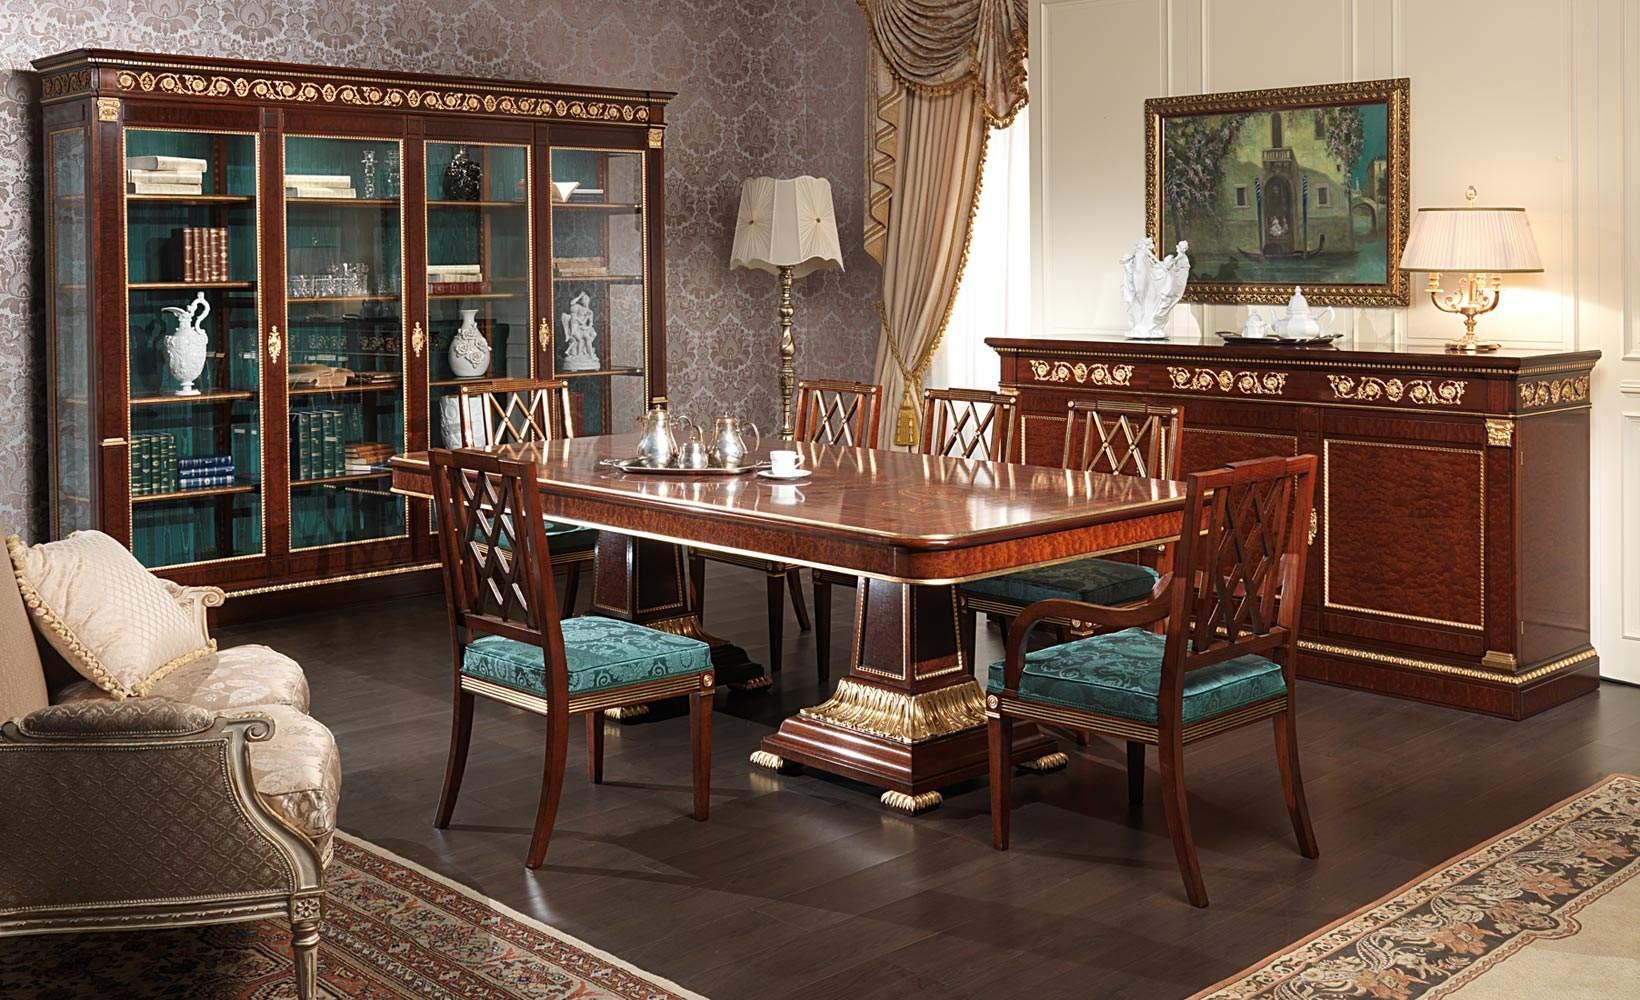 Sala Da Pranzo Ermitage In Stile Impero Vimercati Meda #8F623C 1640 1000 Zara Home Sala Da Pranzo